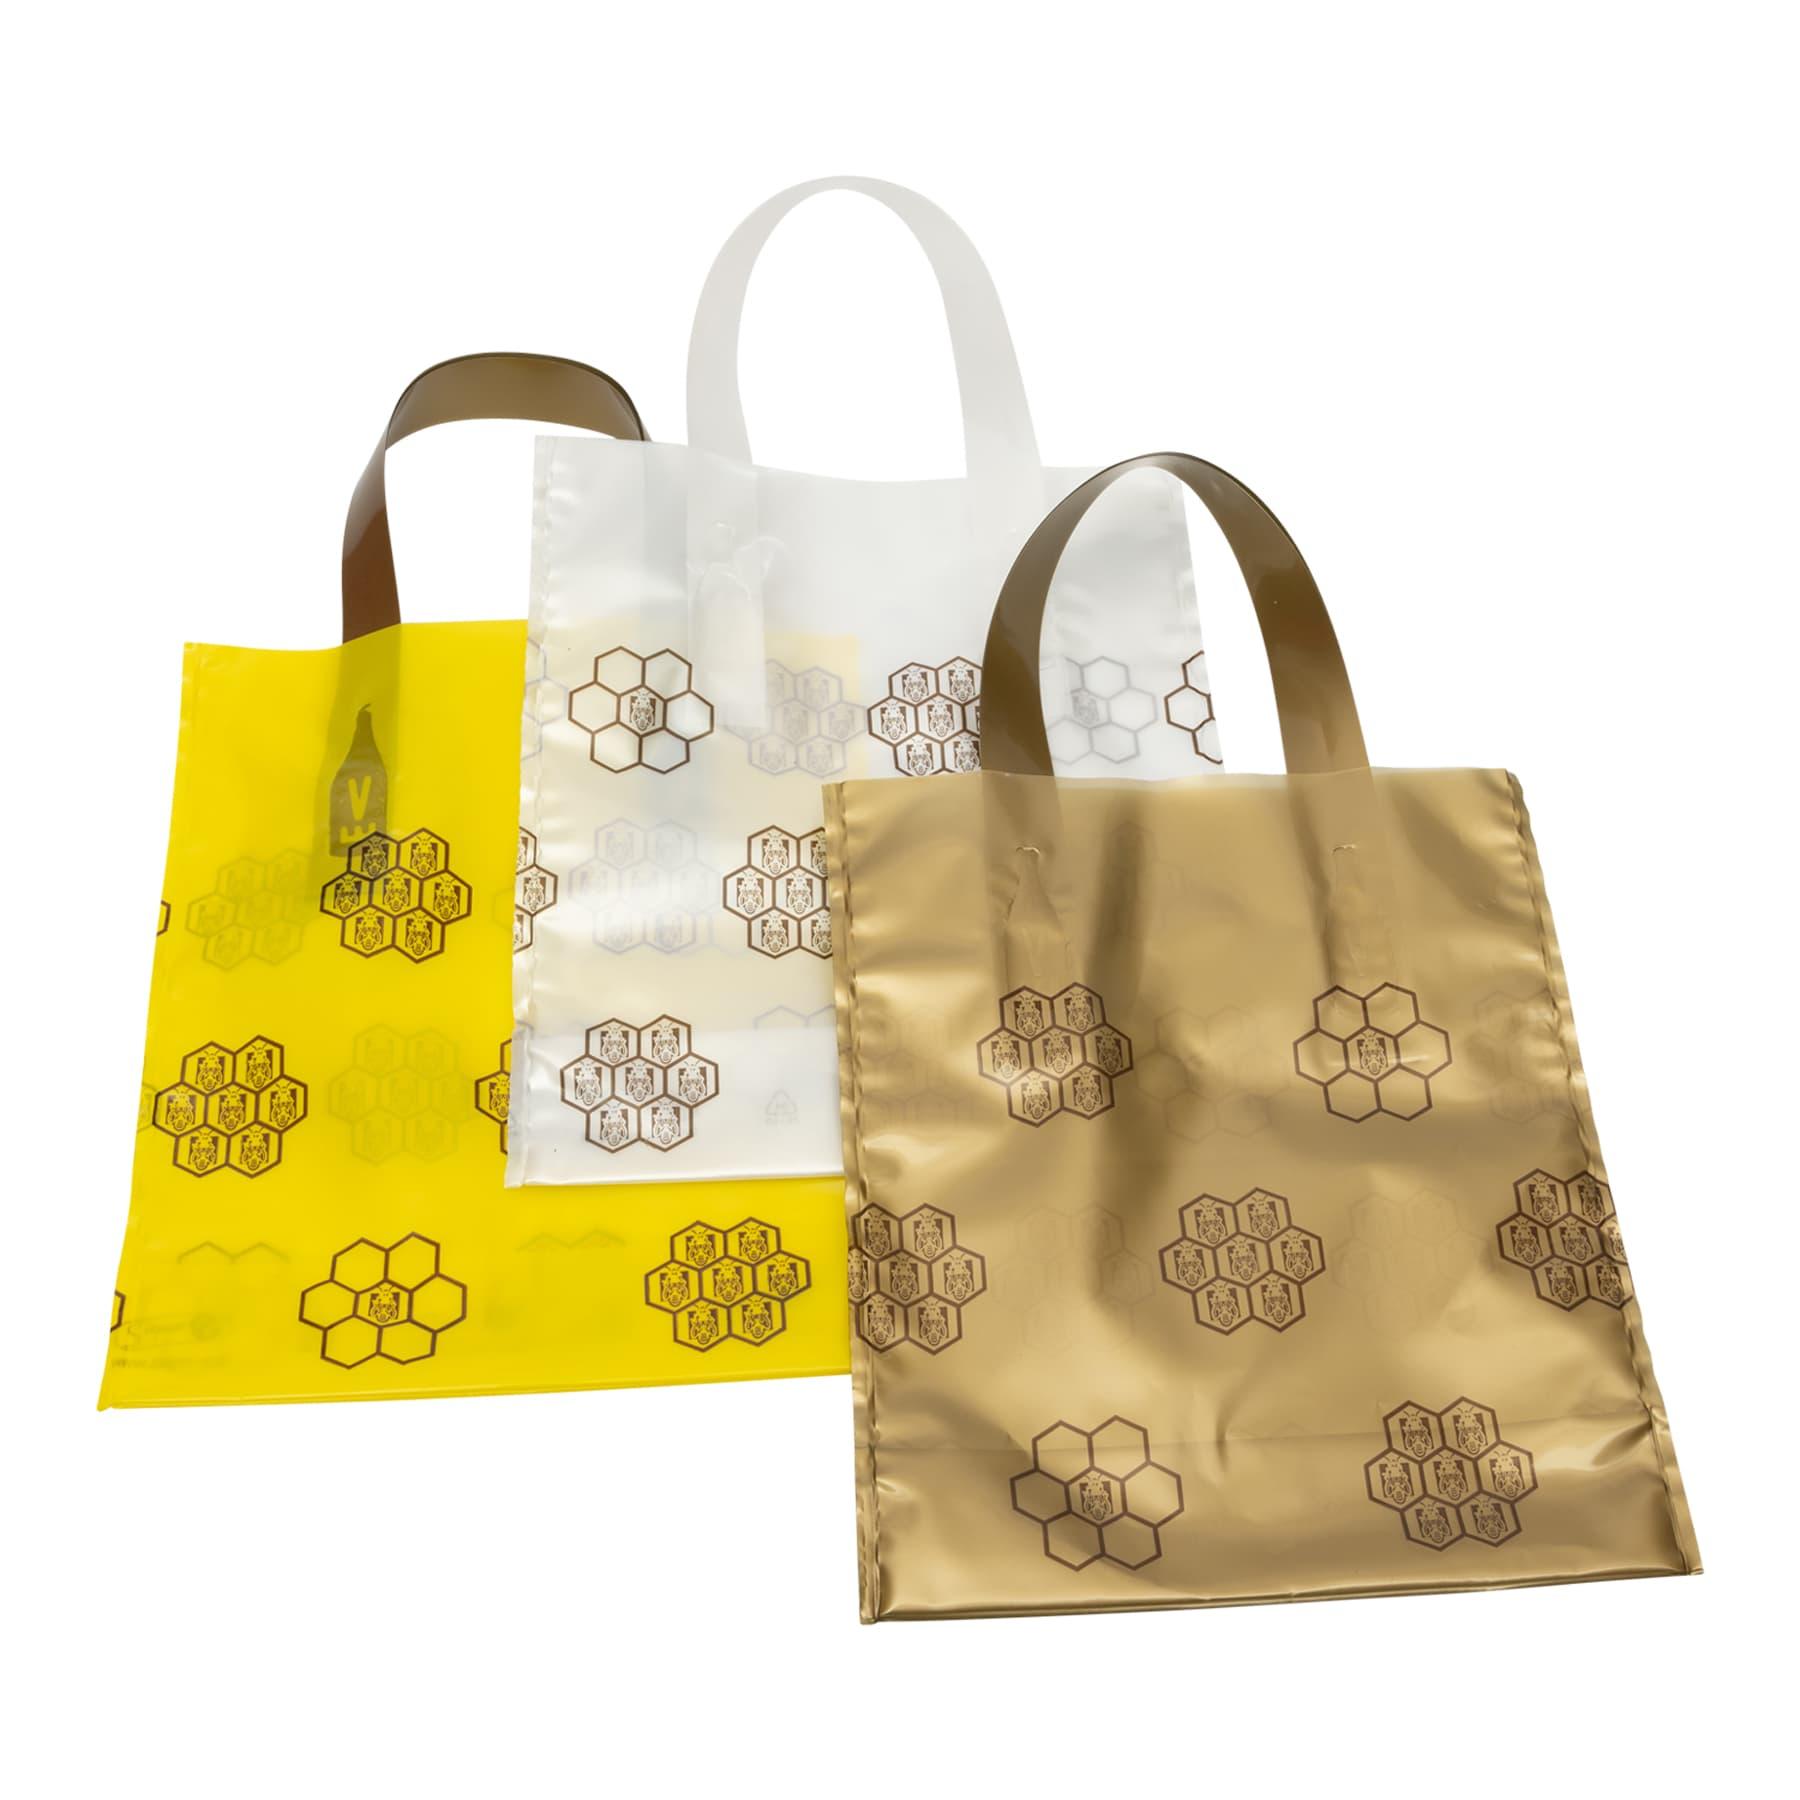 Geschenkbeutel 25 St. für 1 Glas Honig 500 g, dekorativer PE Beutel mit Wabenmuster verziert, Varianten gelb, gold weiß